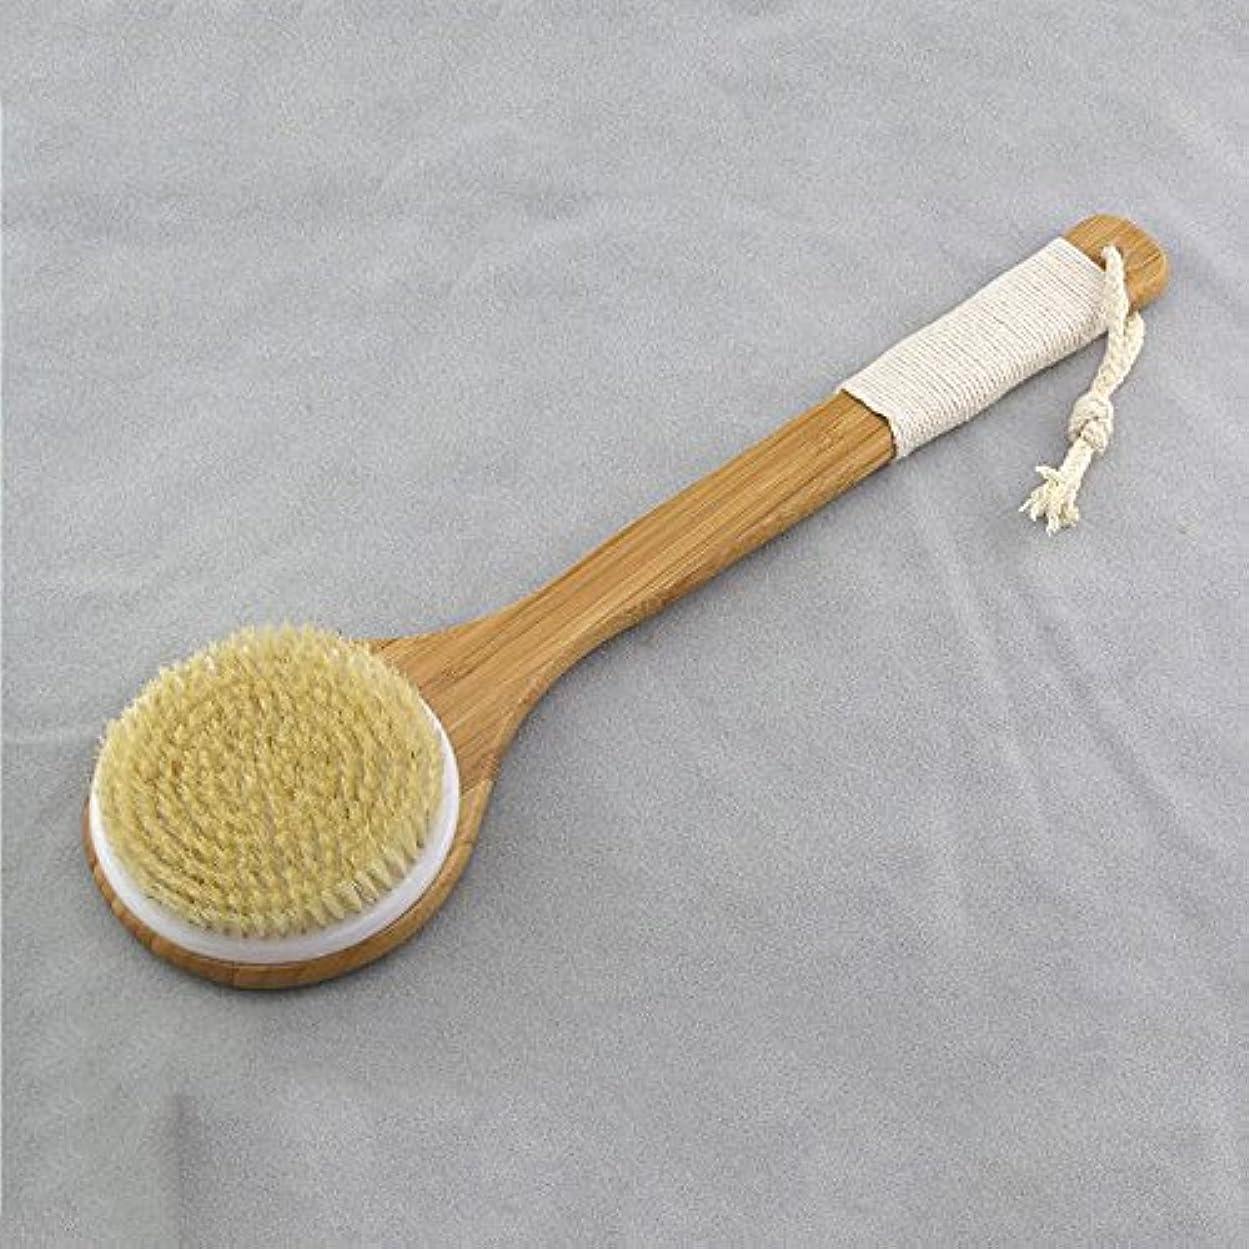 シダ最も早い自分のBigmind ボディブラシ ロング マッサージ 豚毛100% 体洗いブラシ お風呂グッズ 竹製長柄 角質除去 美肌効果 背中